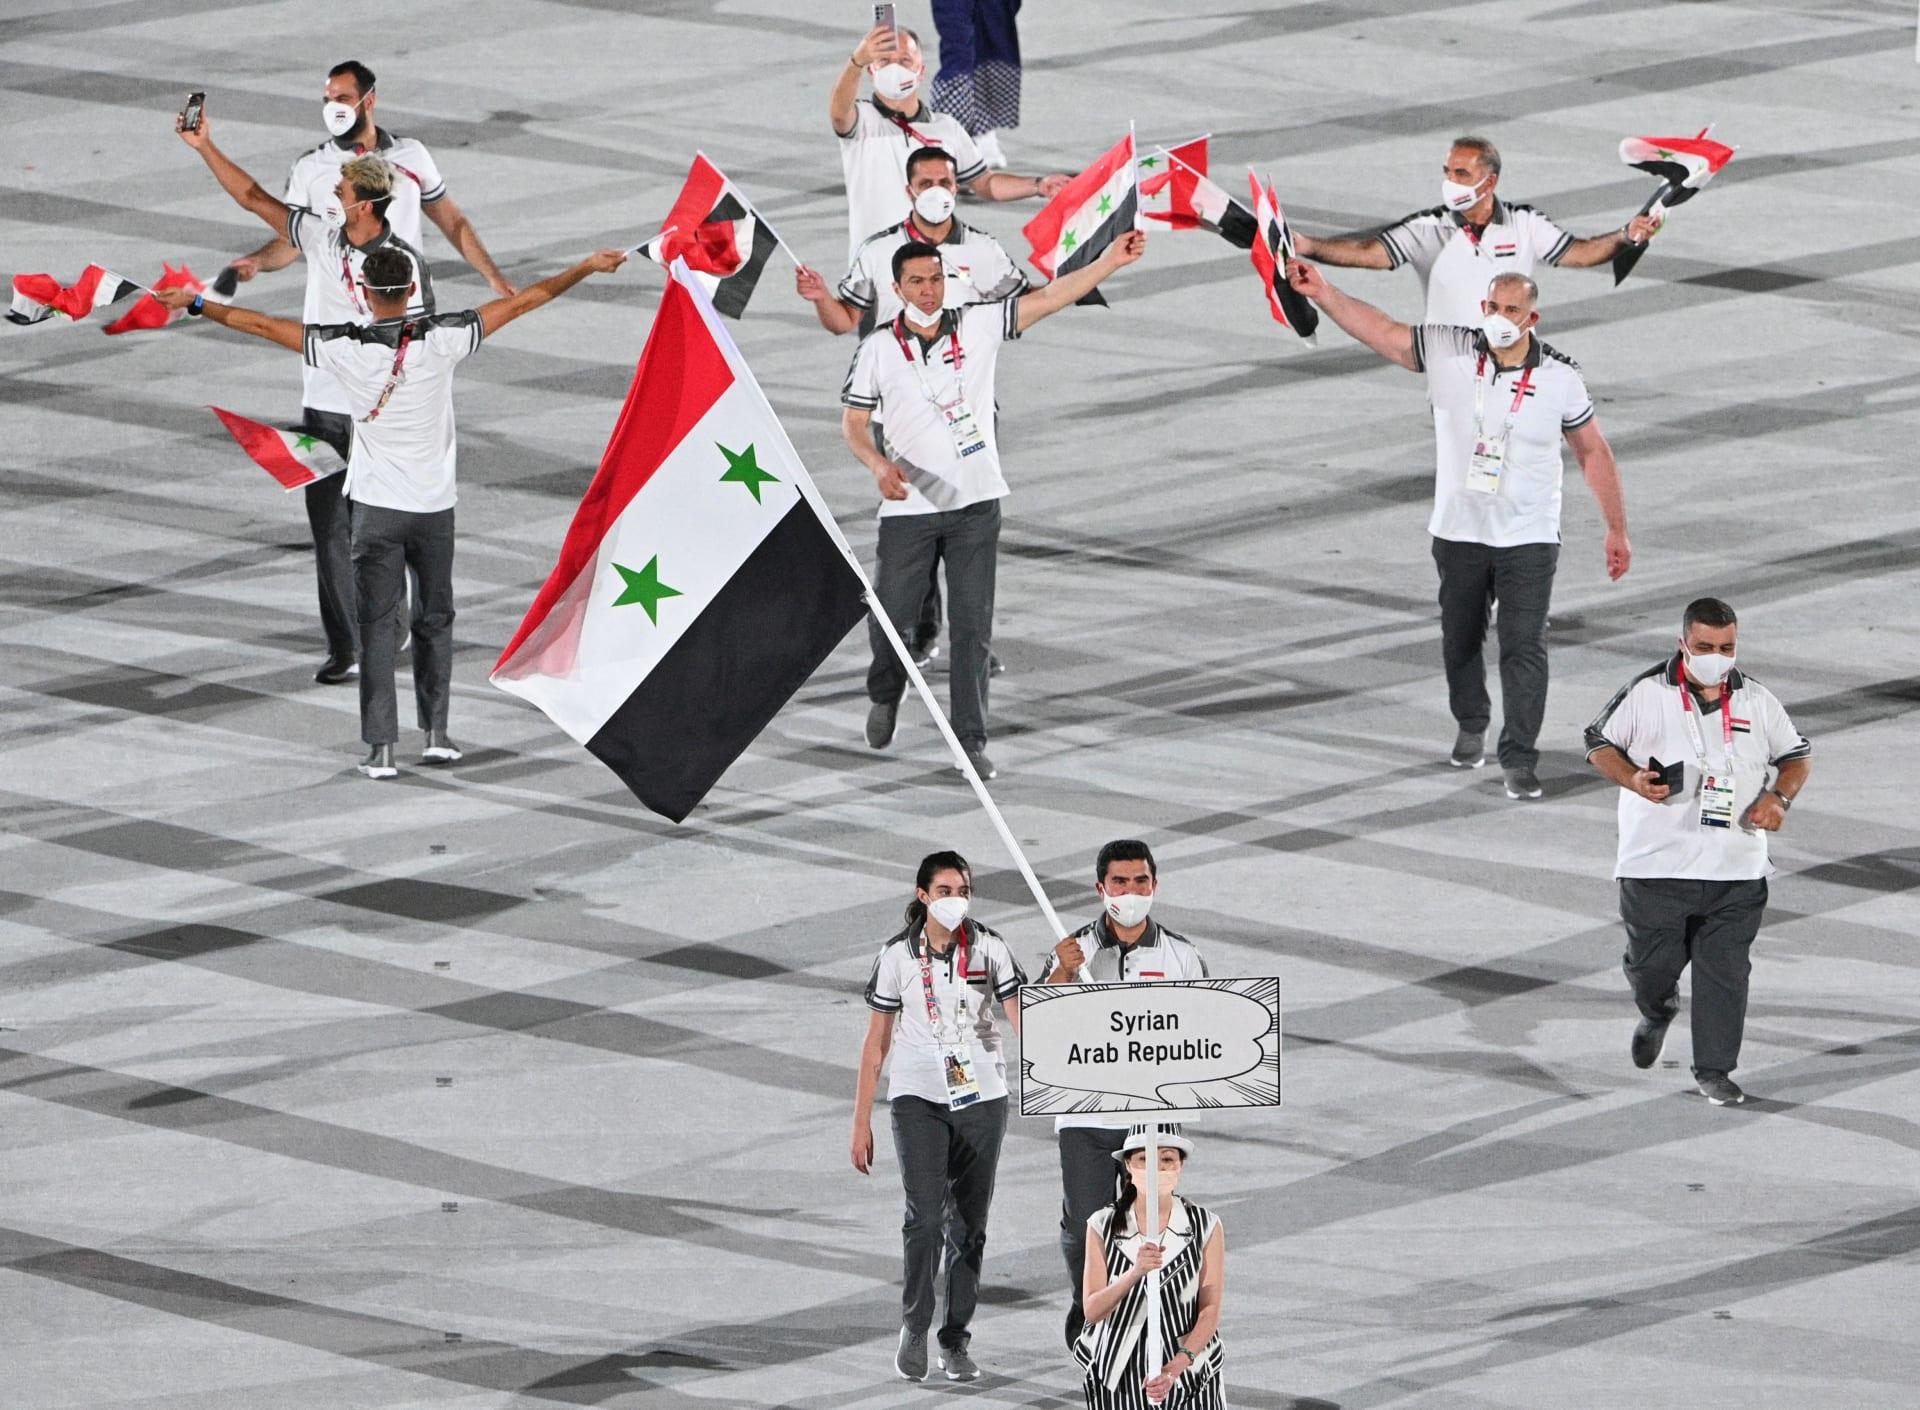 هند ظاظا حاملة العلم السوري مع أحمد صابر حمشو خلال حفل افتتاح أولمبياد طوكيو 2020